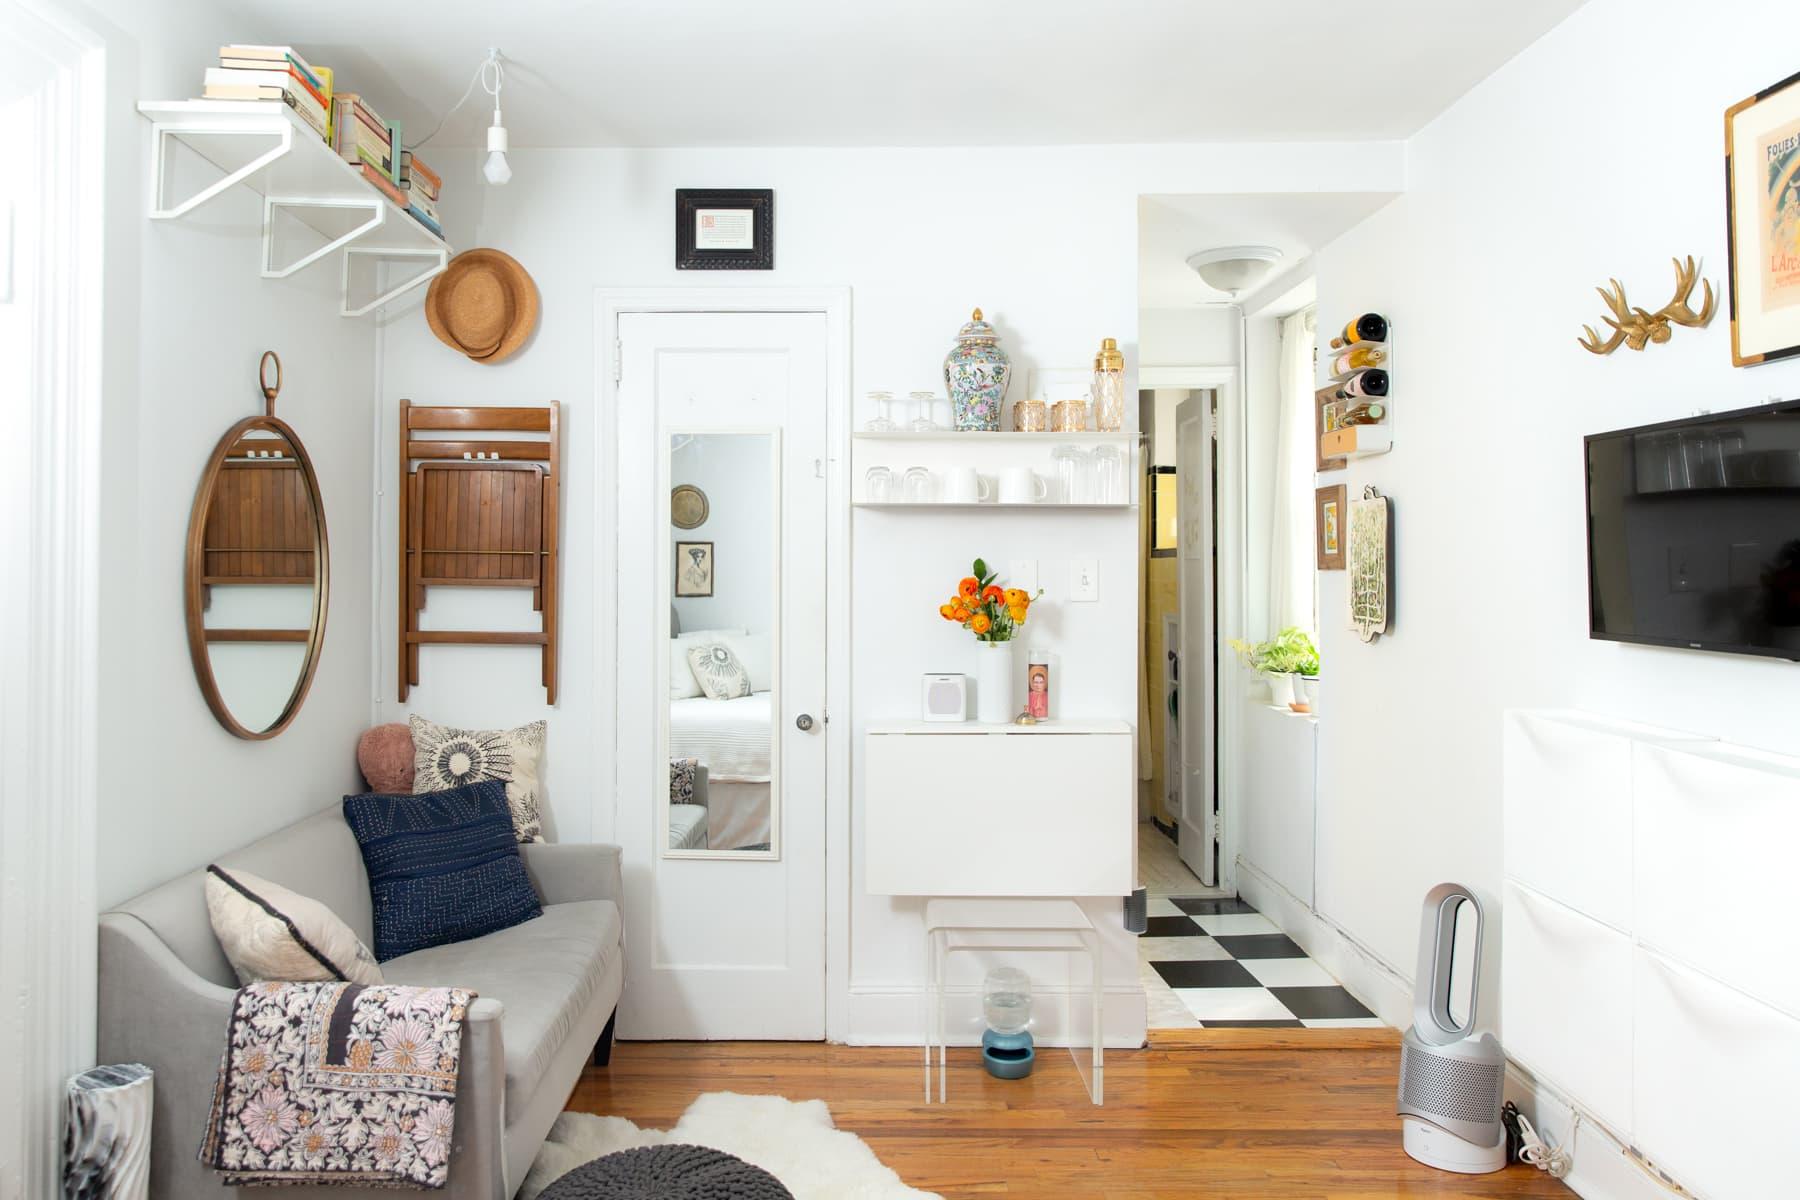 25 Best Small Kitchen Storage Design Ideas Kitchn